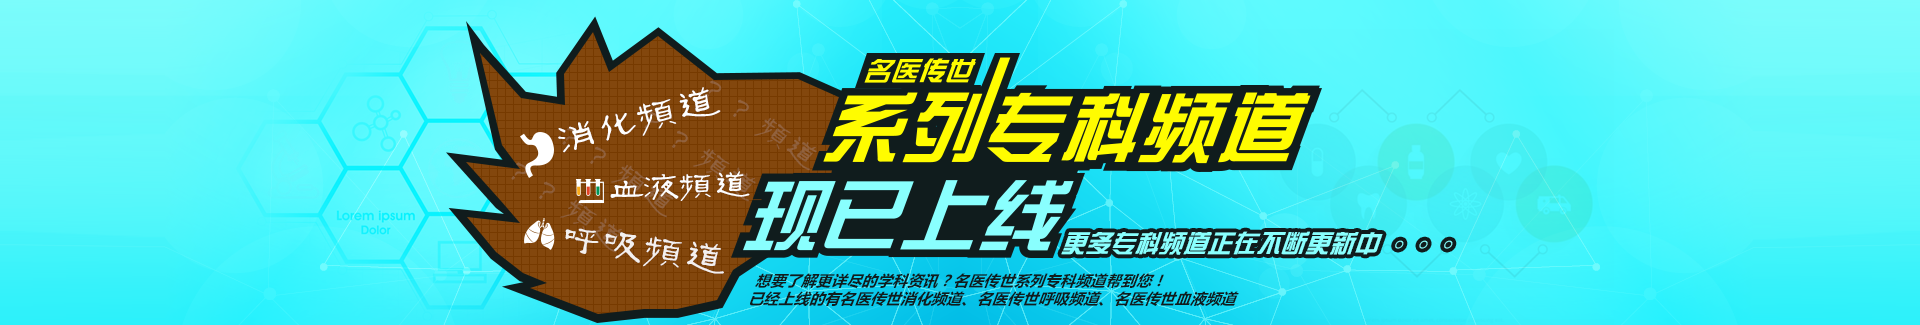 http://news.mycs.cn/2016/0810/81793.html